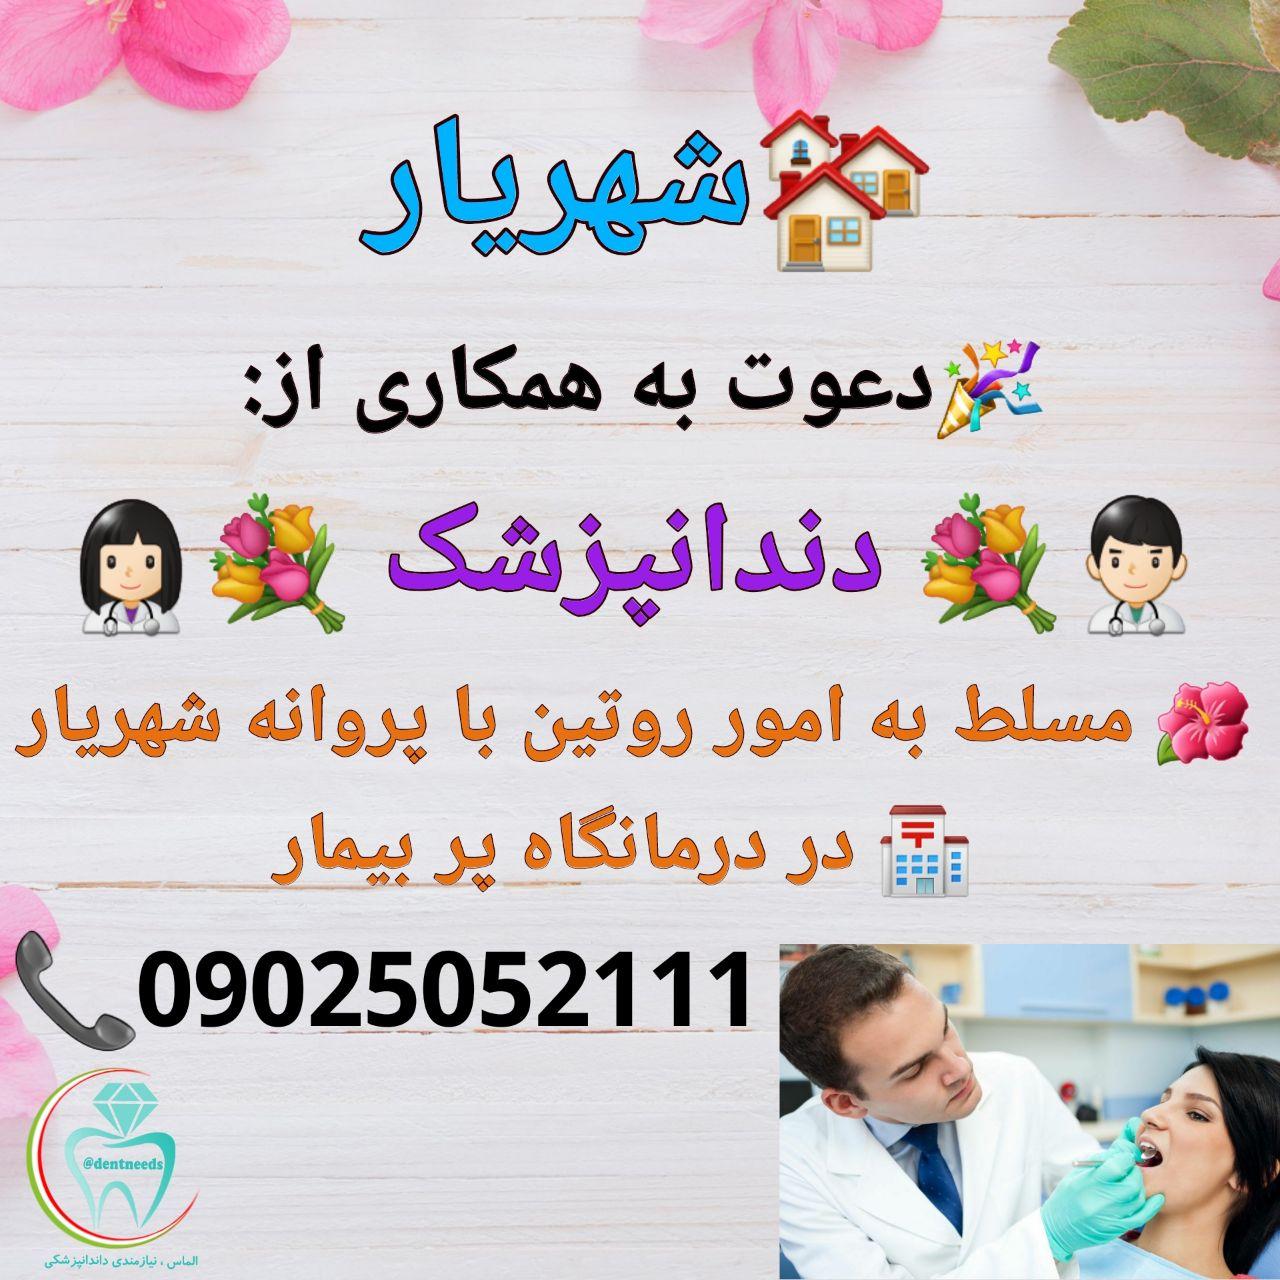 شهریار، دعوت به همکاری از دندانپزشک